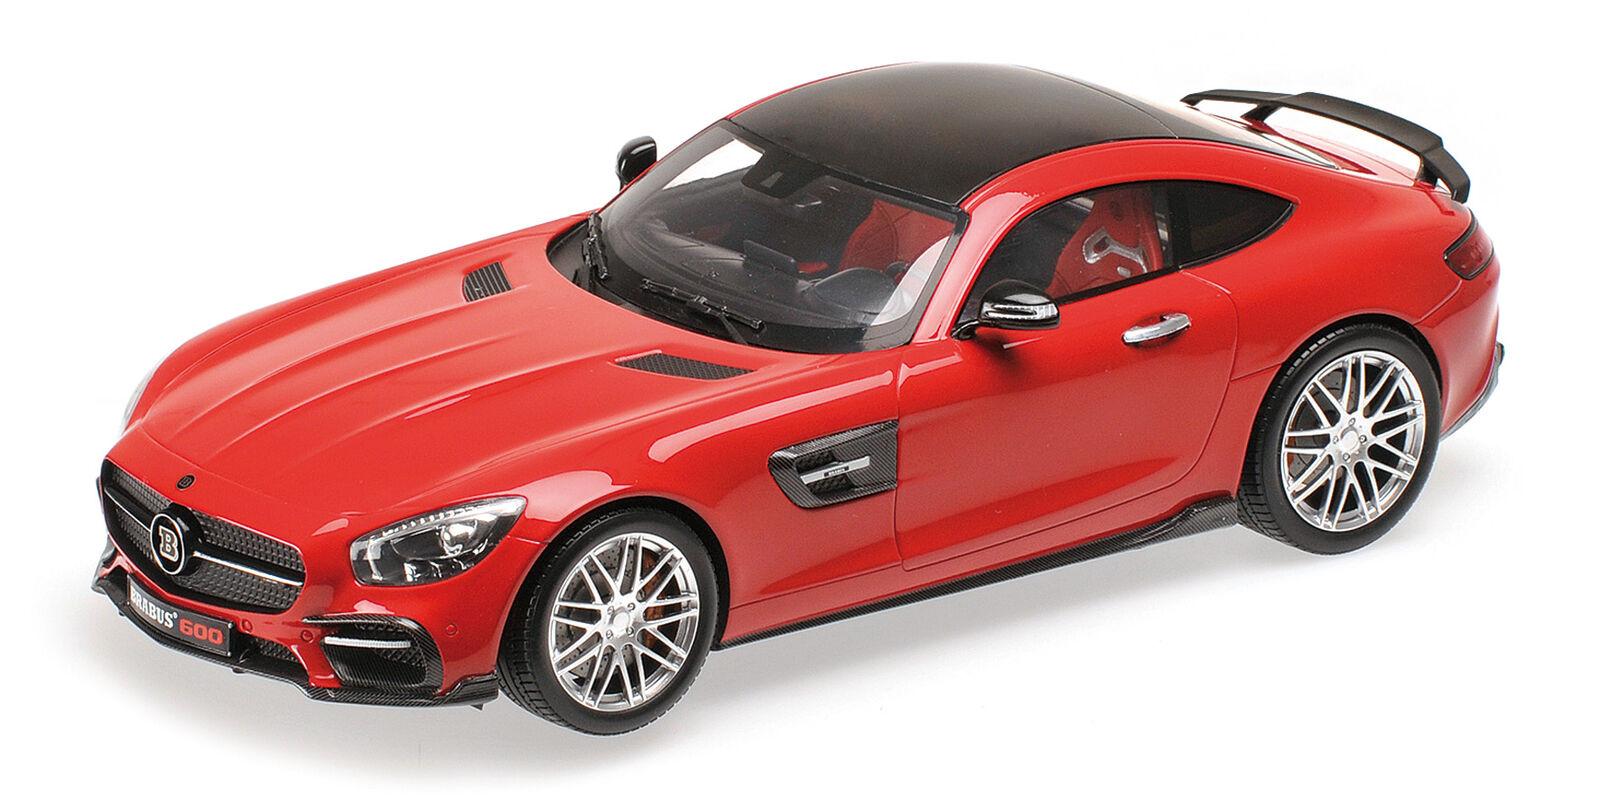 Minichamps BRABUS 600 (Basis Mercedes AMG GT S) - rot 1 18  | Die Königin Der Qualität